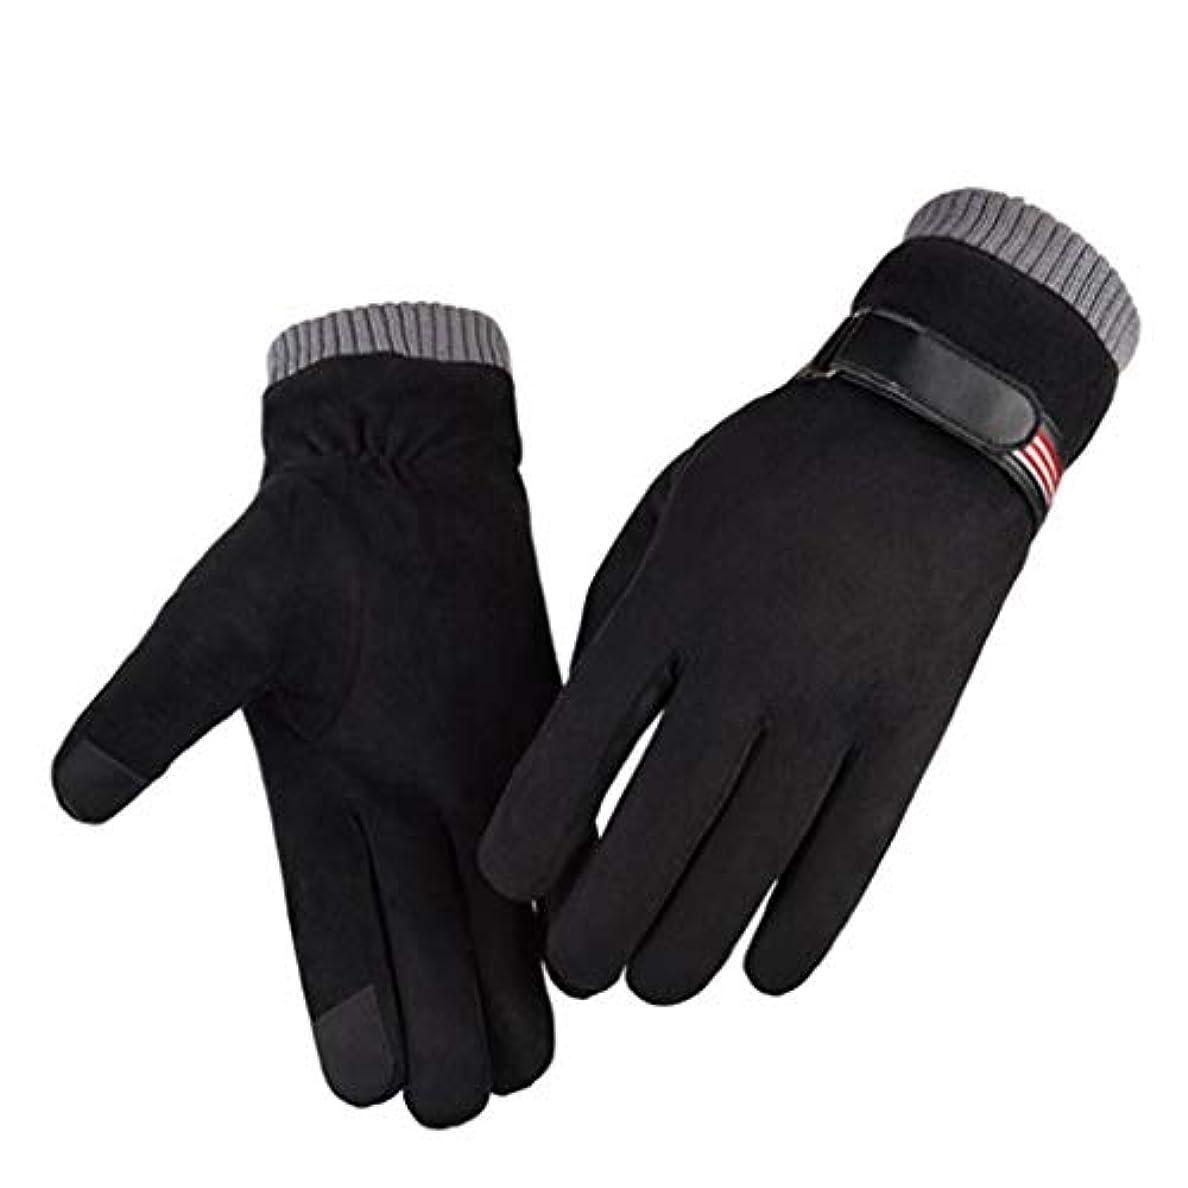 中間豊富不完全な革手袋男性の秋と冬のファッションプラスベルベット厚い暖かい防風コールドライドアンチスキッドタッチスクリーンスエード手袋の男性